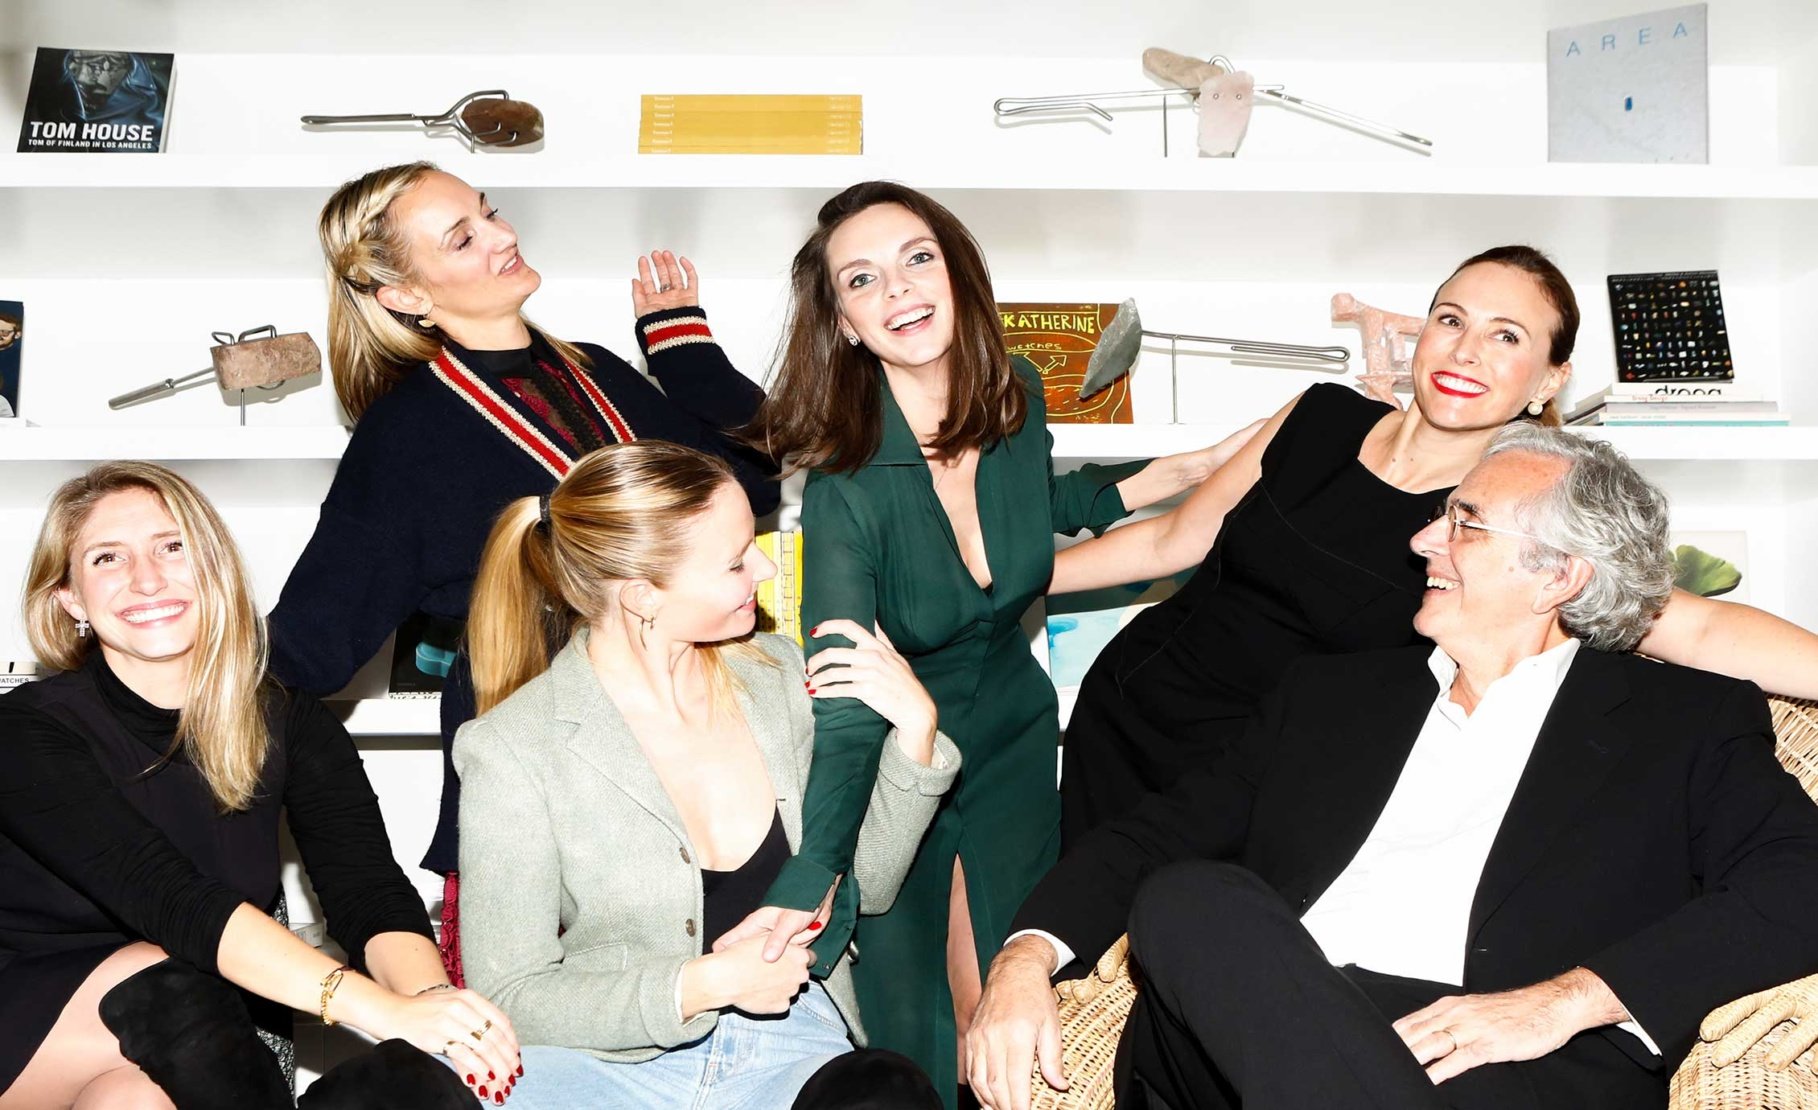 Brianna Lipovsky, Amy Rueckl, Mackenzie Reilly, Alexandra Cassar, Carlos Benaïm and Celine Barel